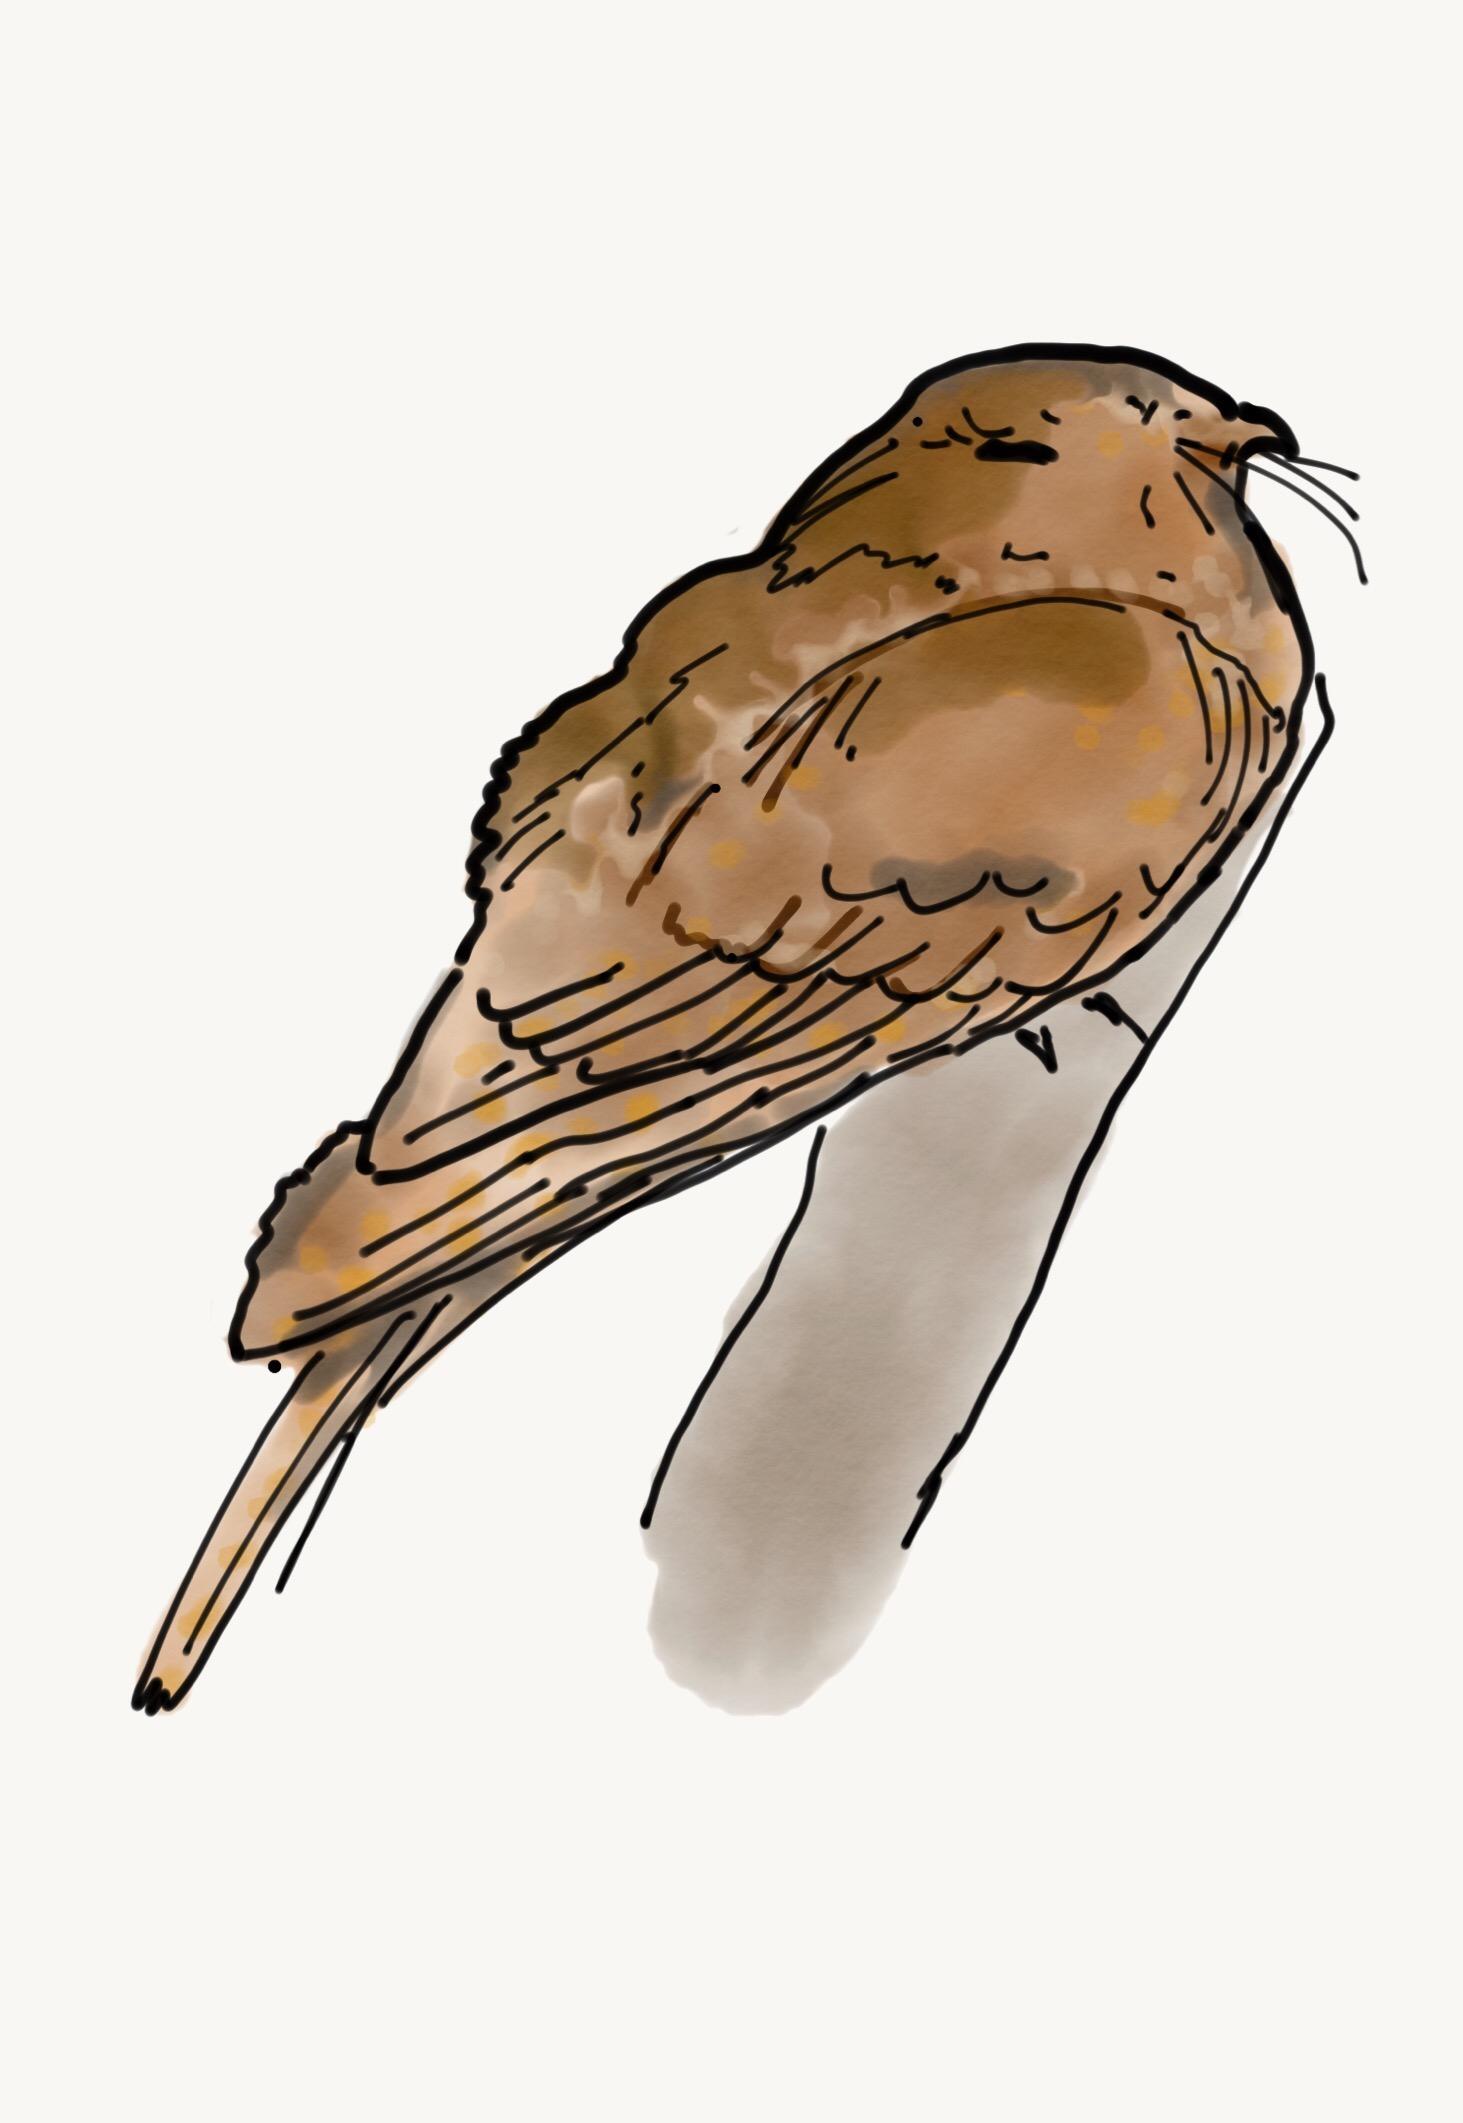 Bird study 2.JPG